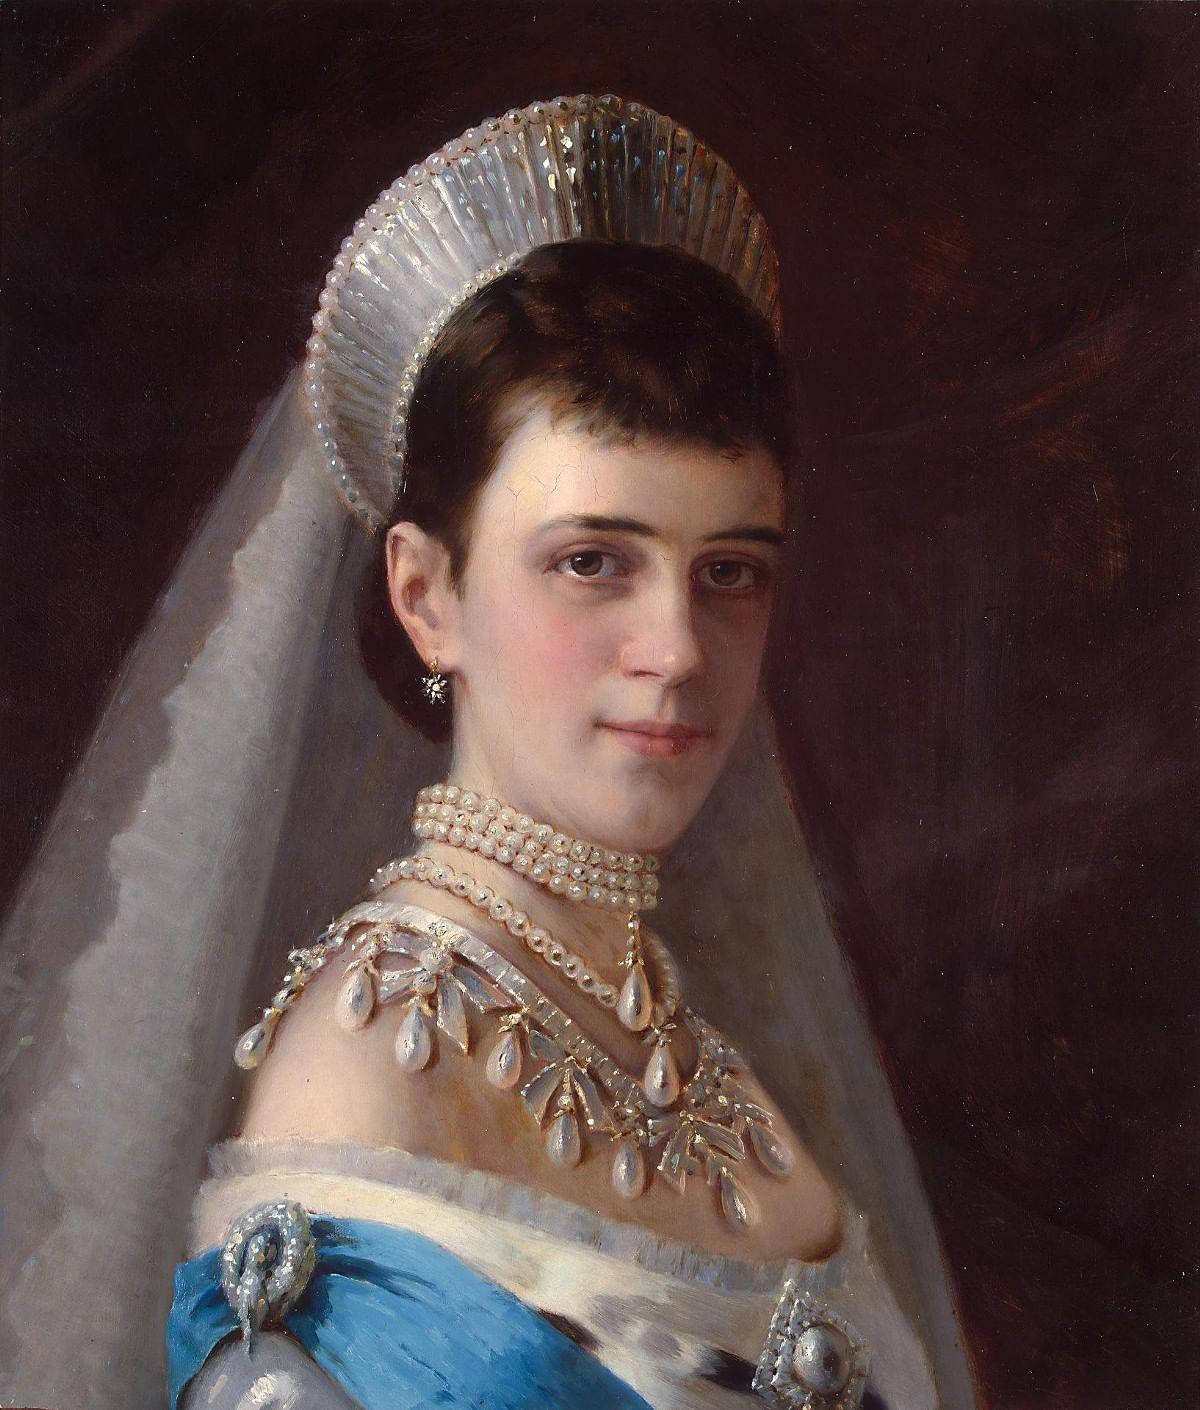 Любовь к жемчугу: Перлы в русском искусстве. Галерея 5